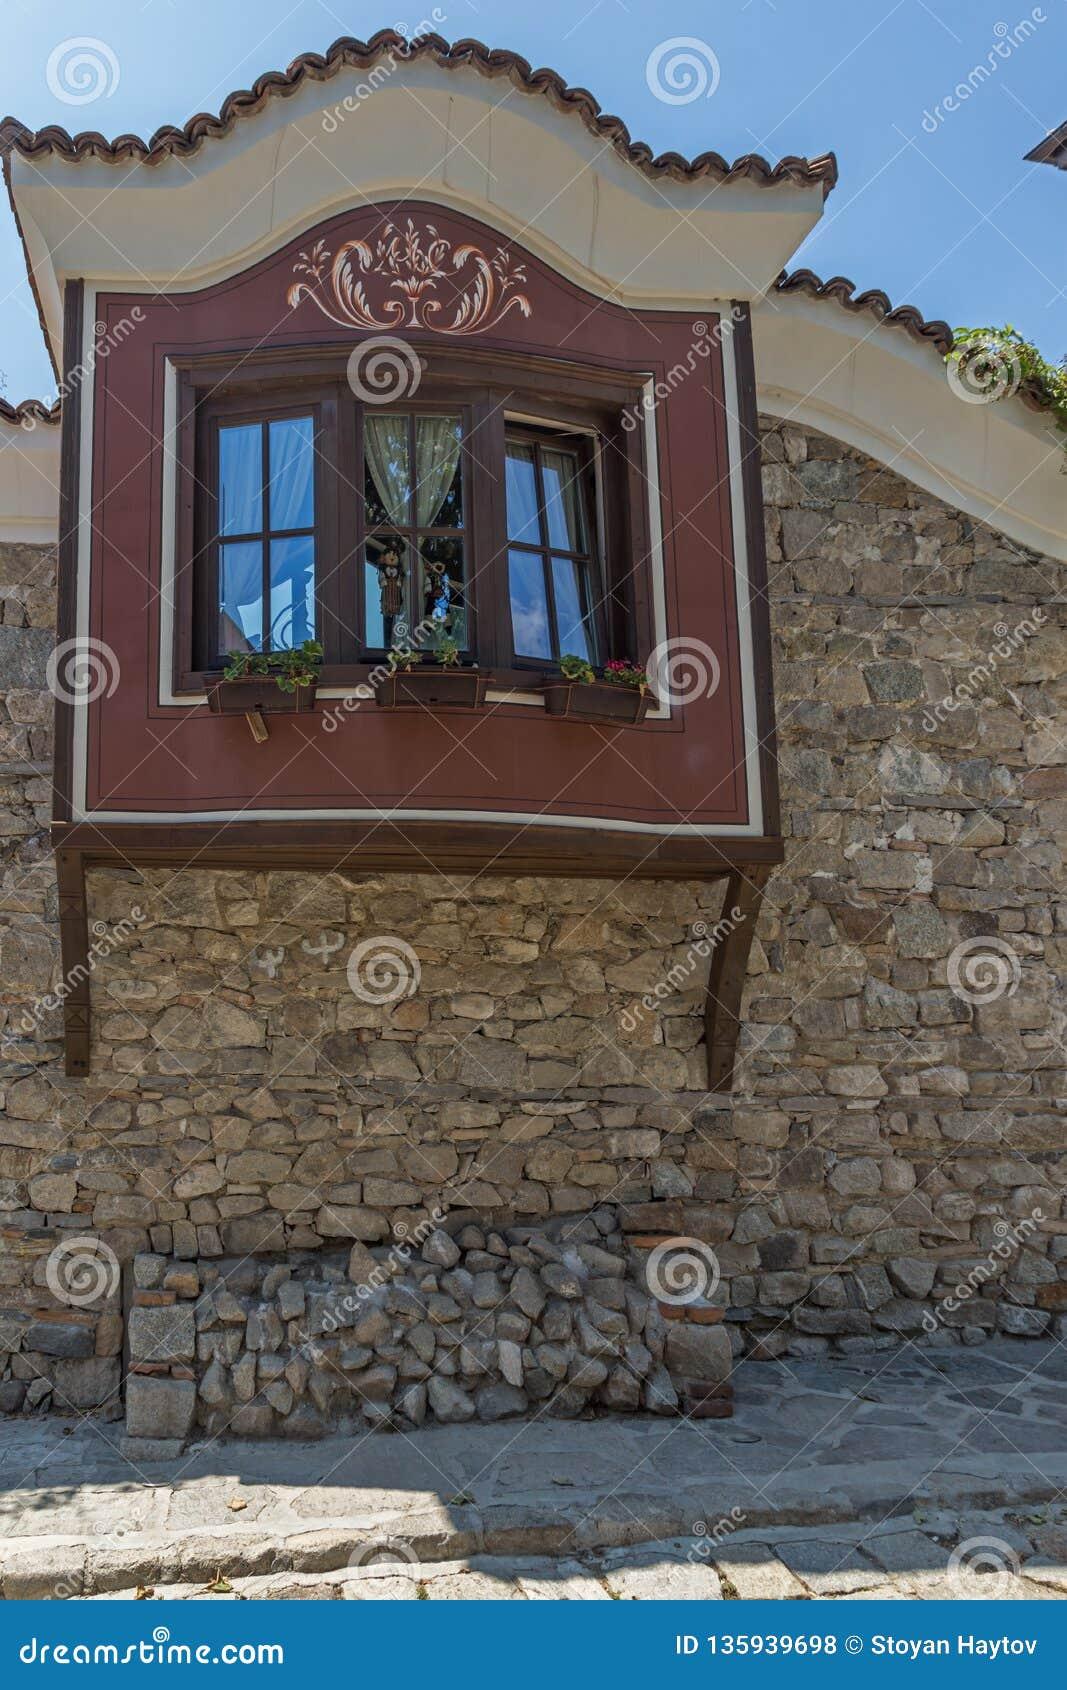 Σπίτια του 19ου αιώνα στην παλαιά κωμόπολη της πόλης Plovdiv, Βουλγαρία